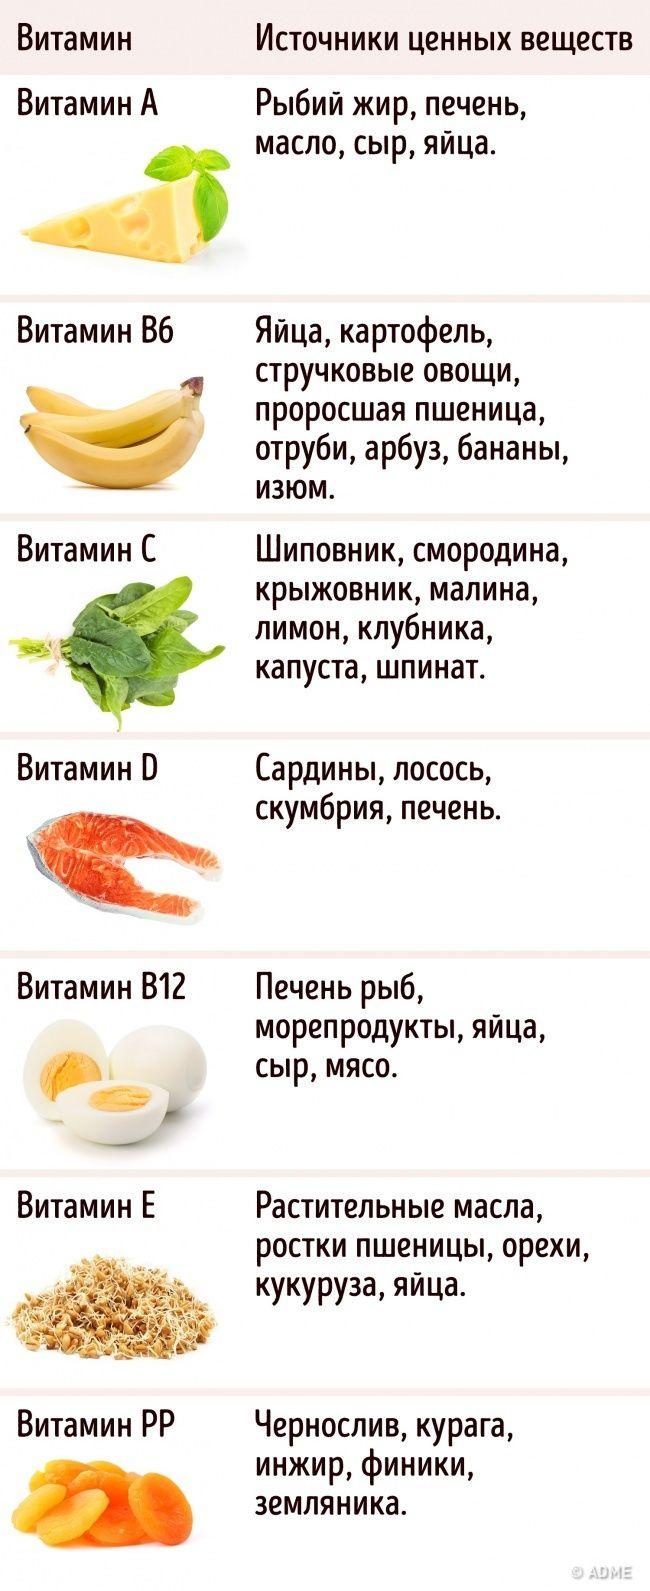 Разумный прием витаминов может не только сделать человека более здоровым, но и добавить ему несколько лет жизни. Но многие ли знают, как и когда необходимо их принимать, а в каких случаях делать это просто опасно? Сегодня AdMe.ru подготовил для вас памятку, которая расскажет все о правильном приеме витаминов.